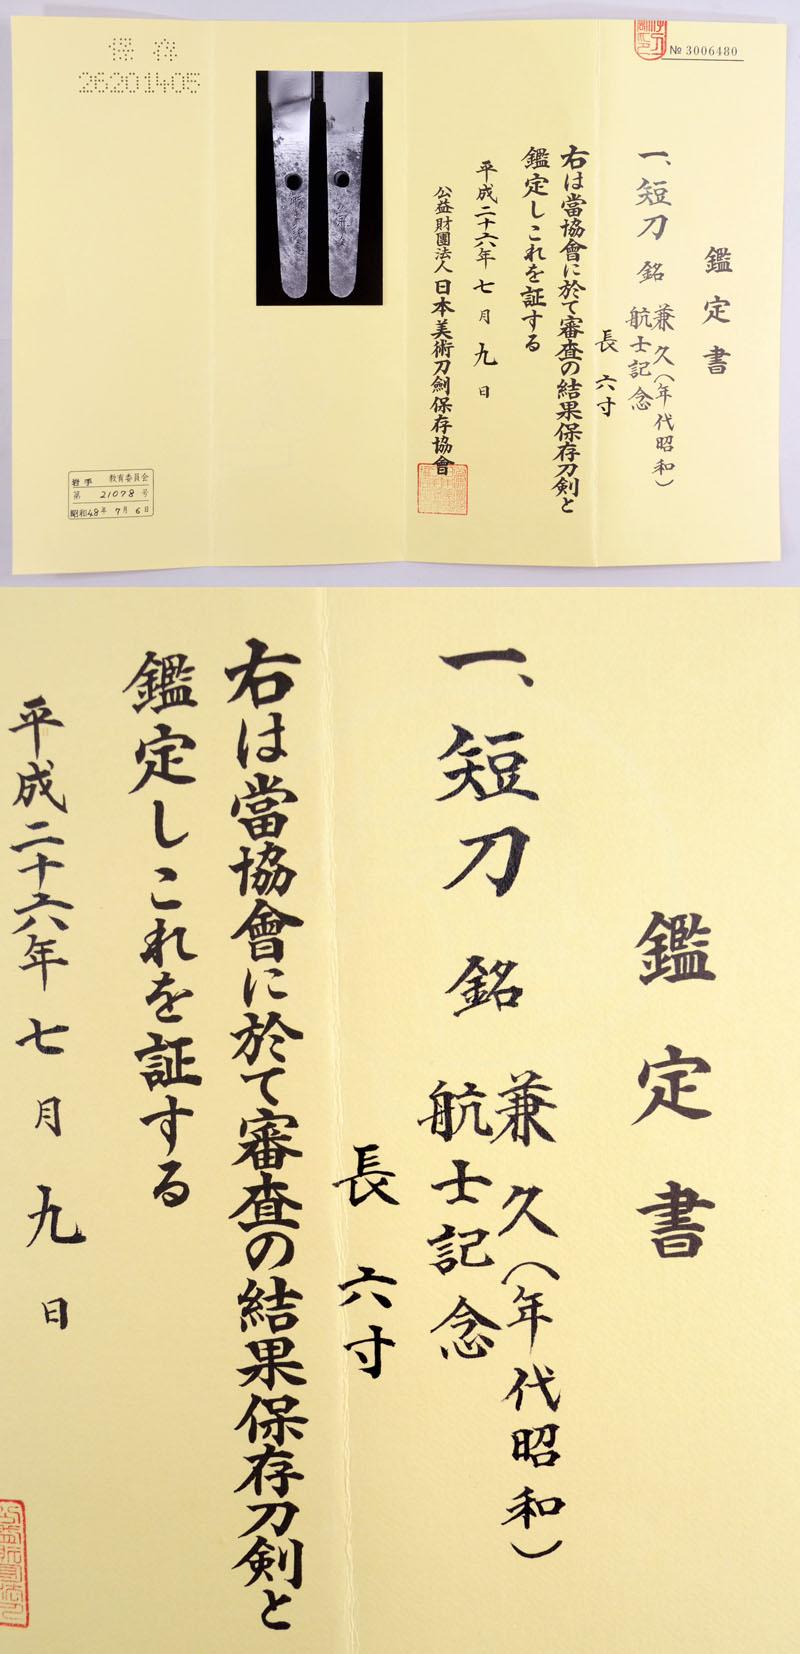 兼久(年代昭和)(大澤兼久) Picture of Certificate